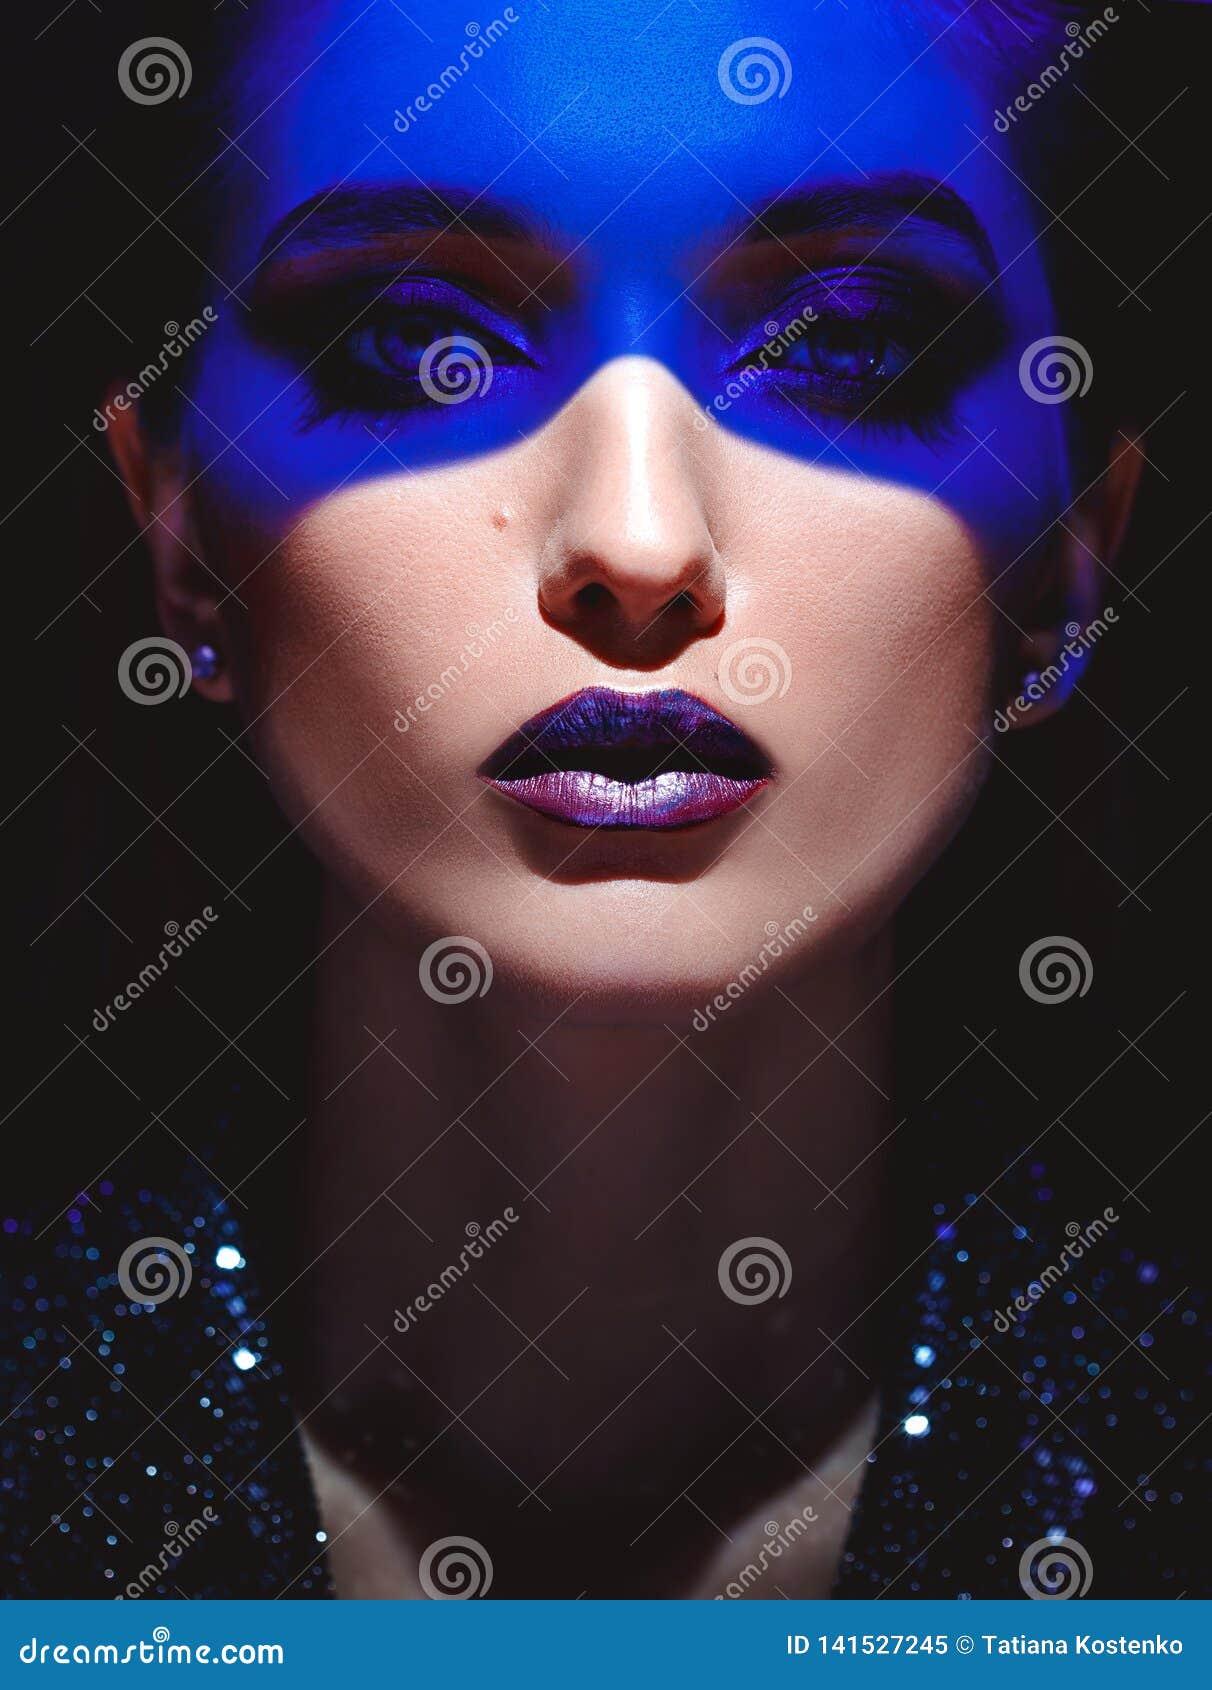 Ritratto della ragazza di modo con trucco alla moda e della luce al neon blu sul suo fronte sui precedenti neri nello studio